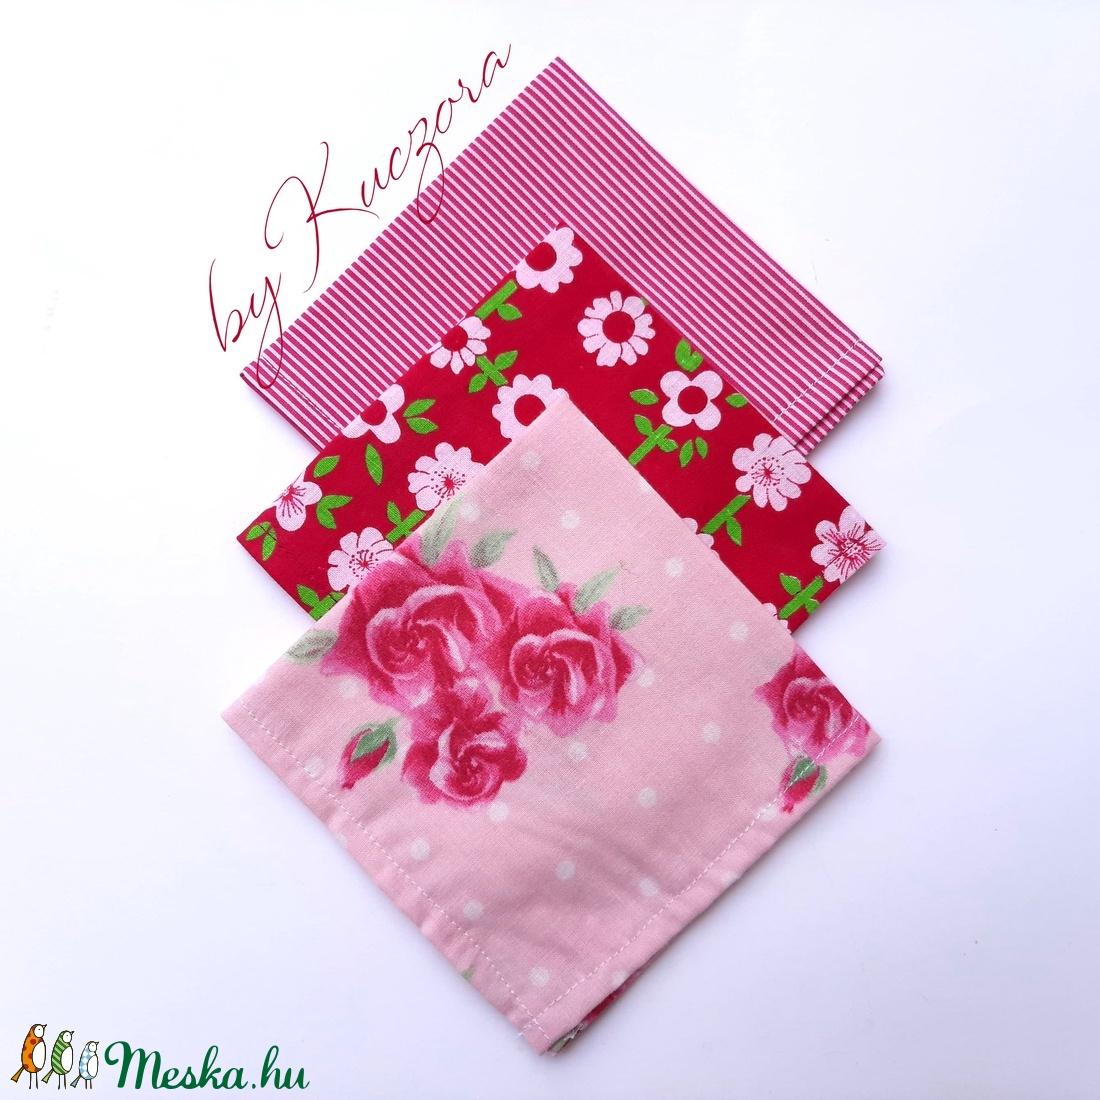 Textil zsebkendő szett, öko zsebkendő szett - pink (byKuczora) - Meska.hu